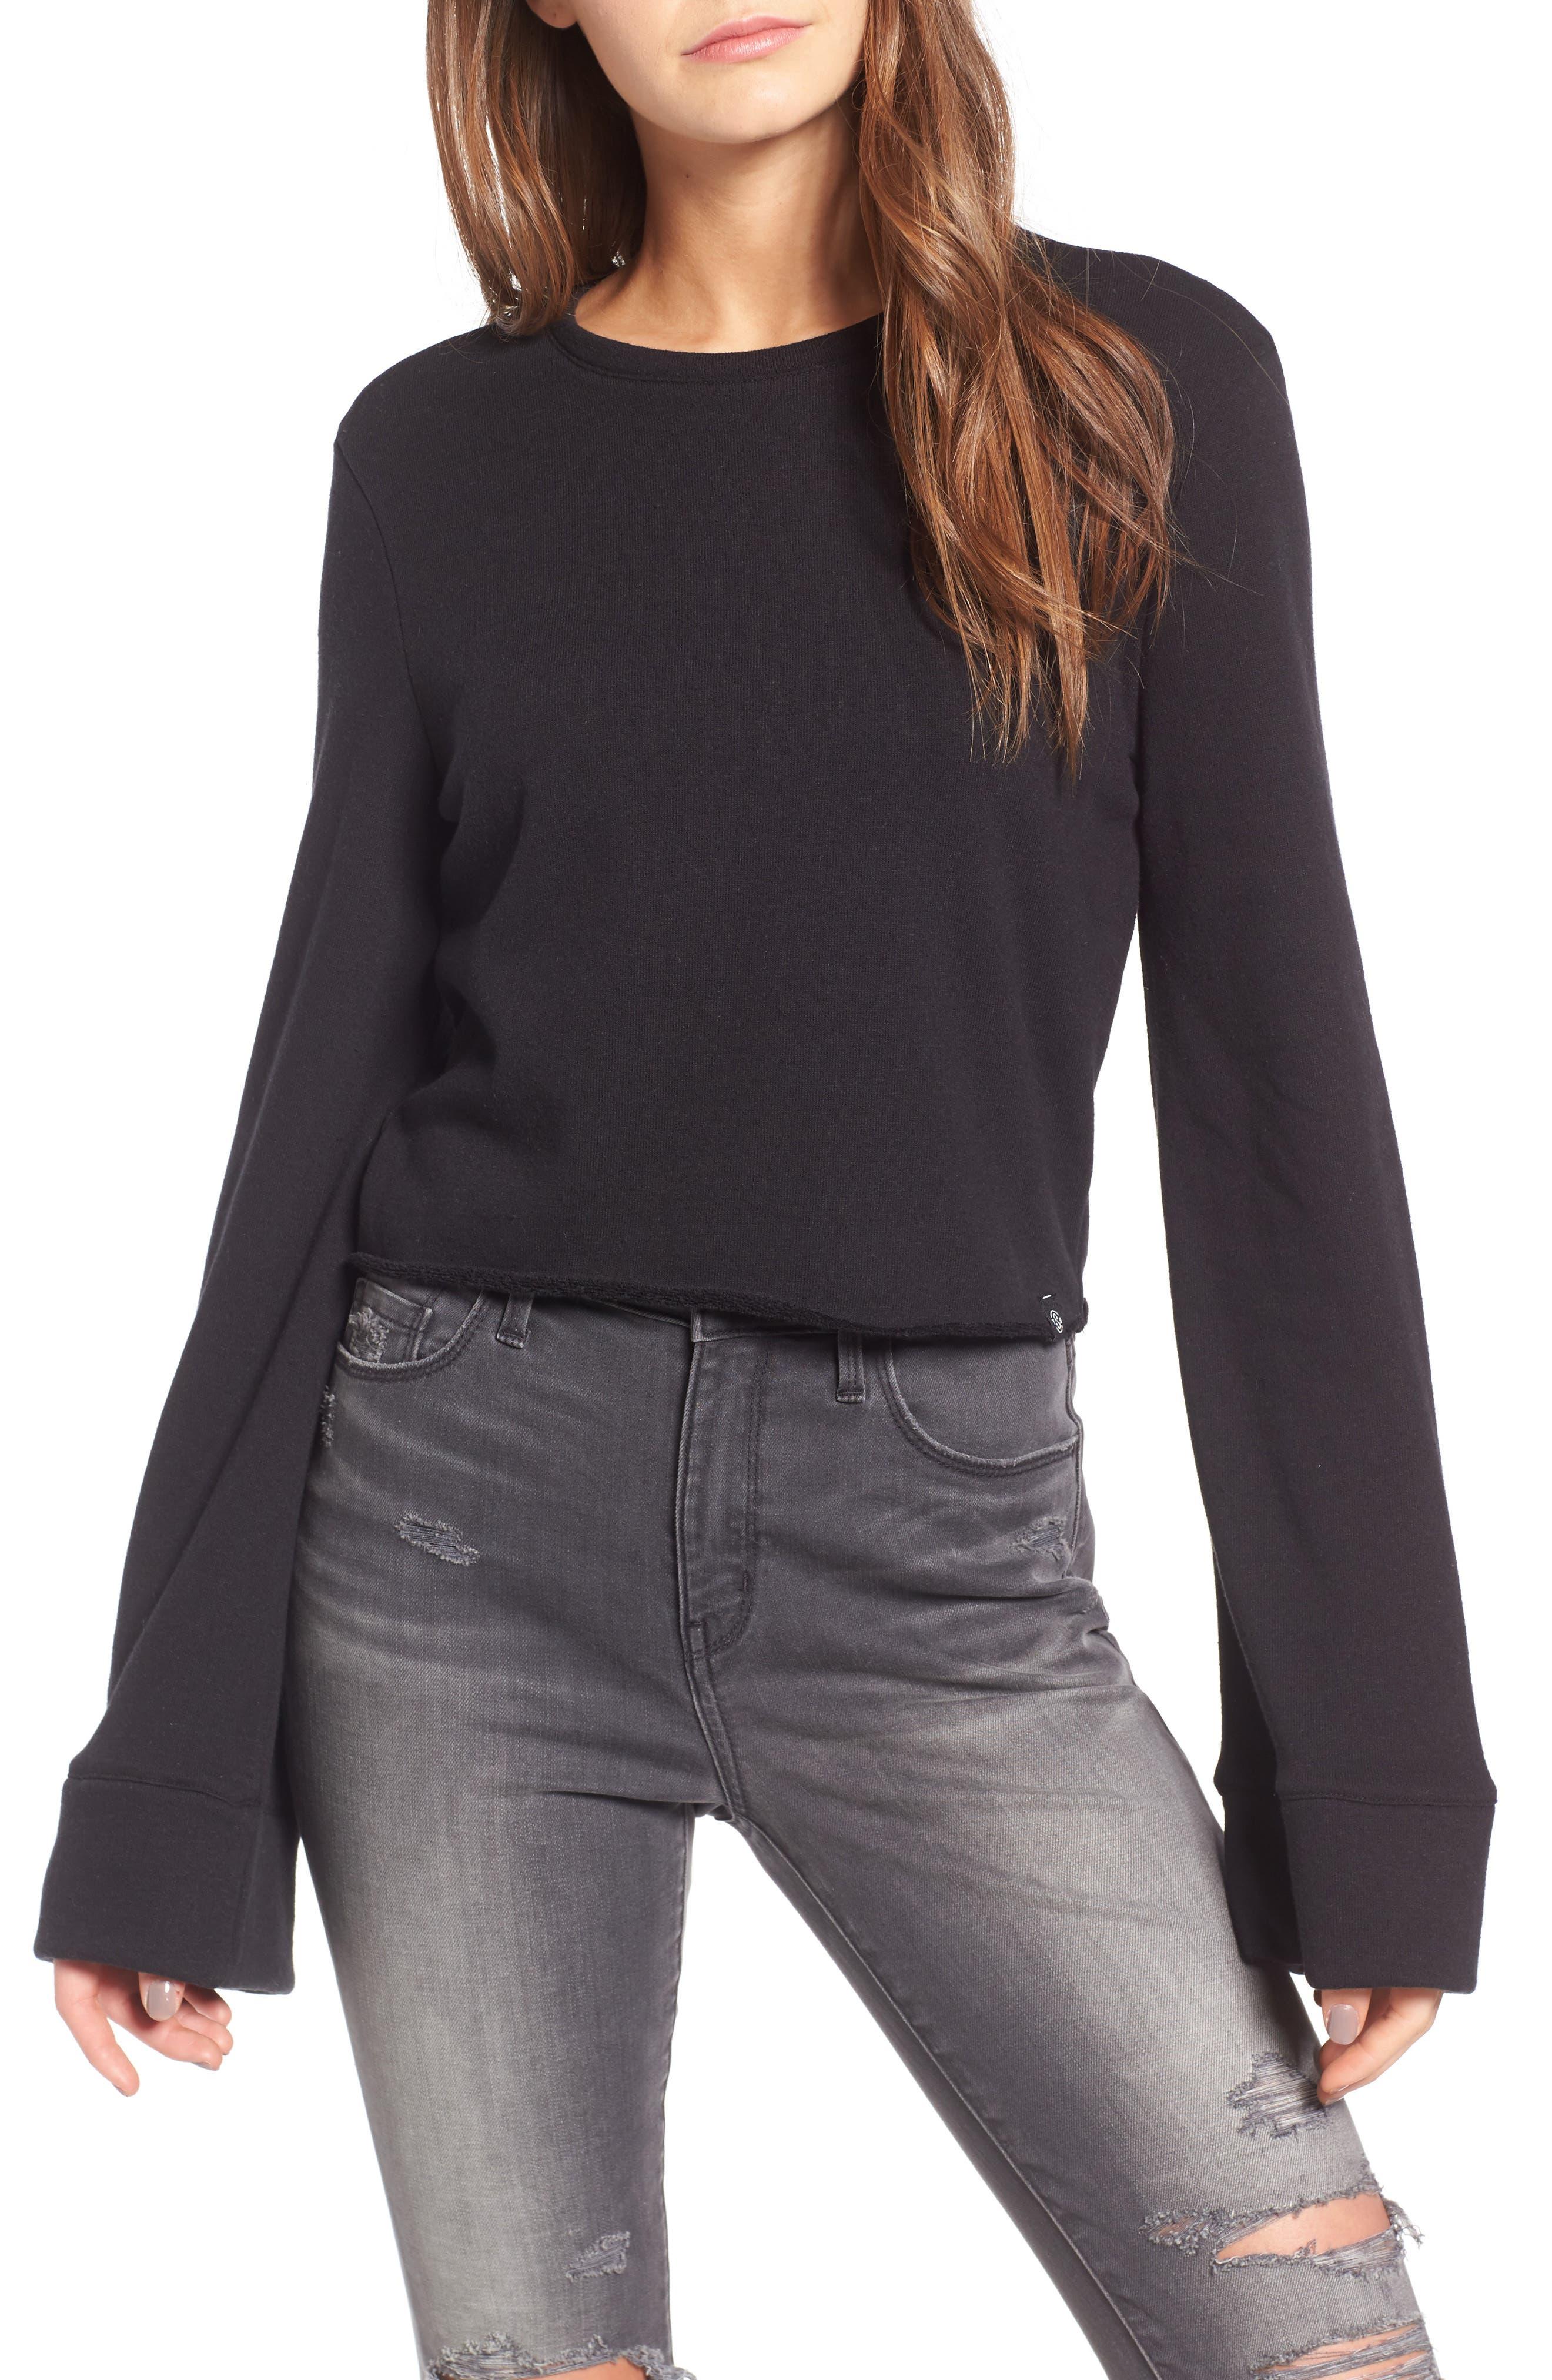 TREASURE & BOND,                             Wide Sleeve Sweatshirt,                             Main thumbnail 1, color,                             001